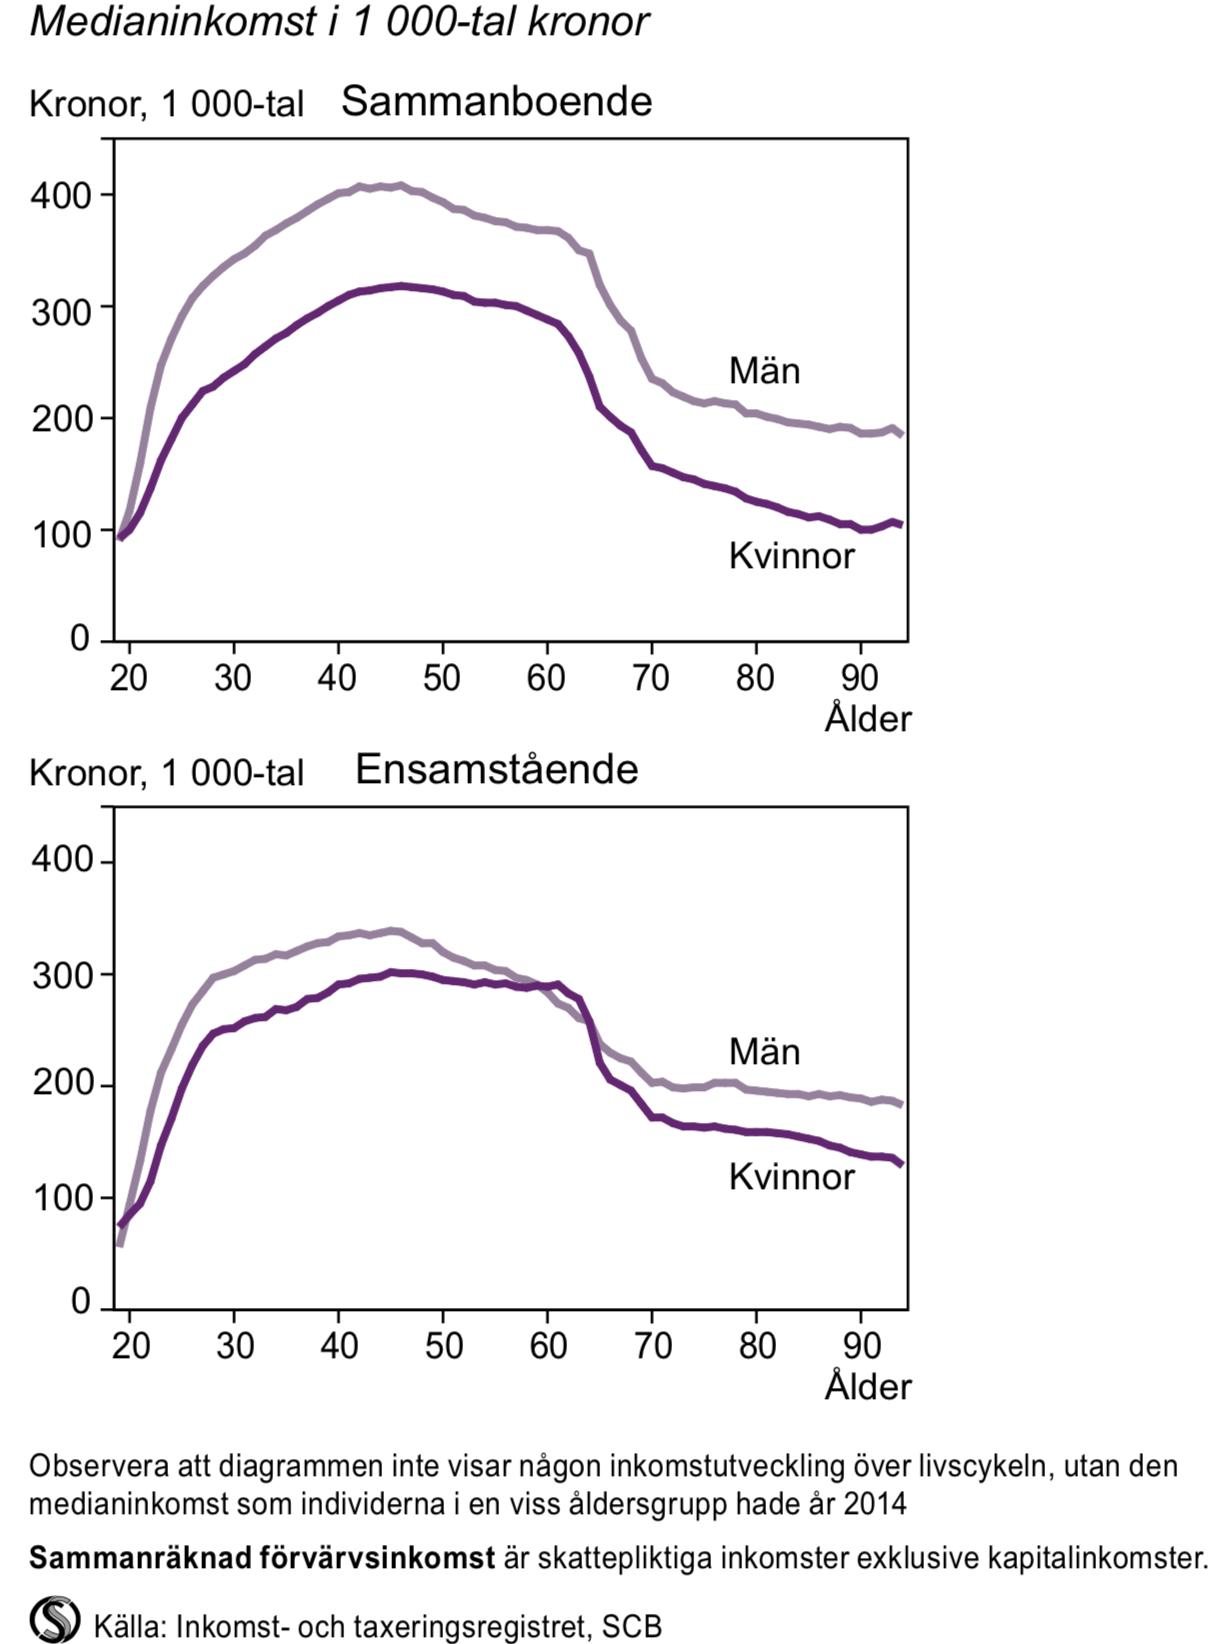 Sammanräknad förvärvsinkomst för sammanboende och ensamstående efter ålder 2014